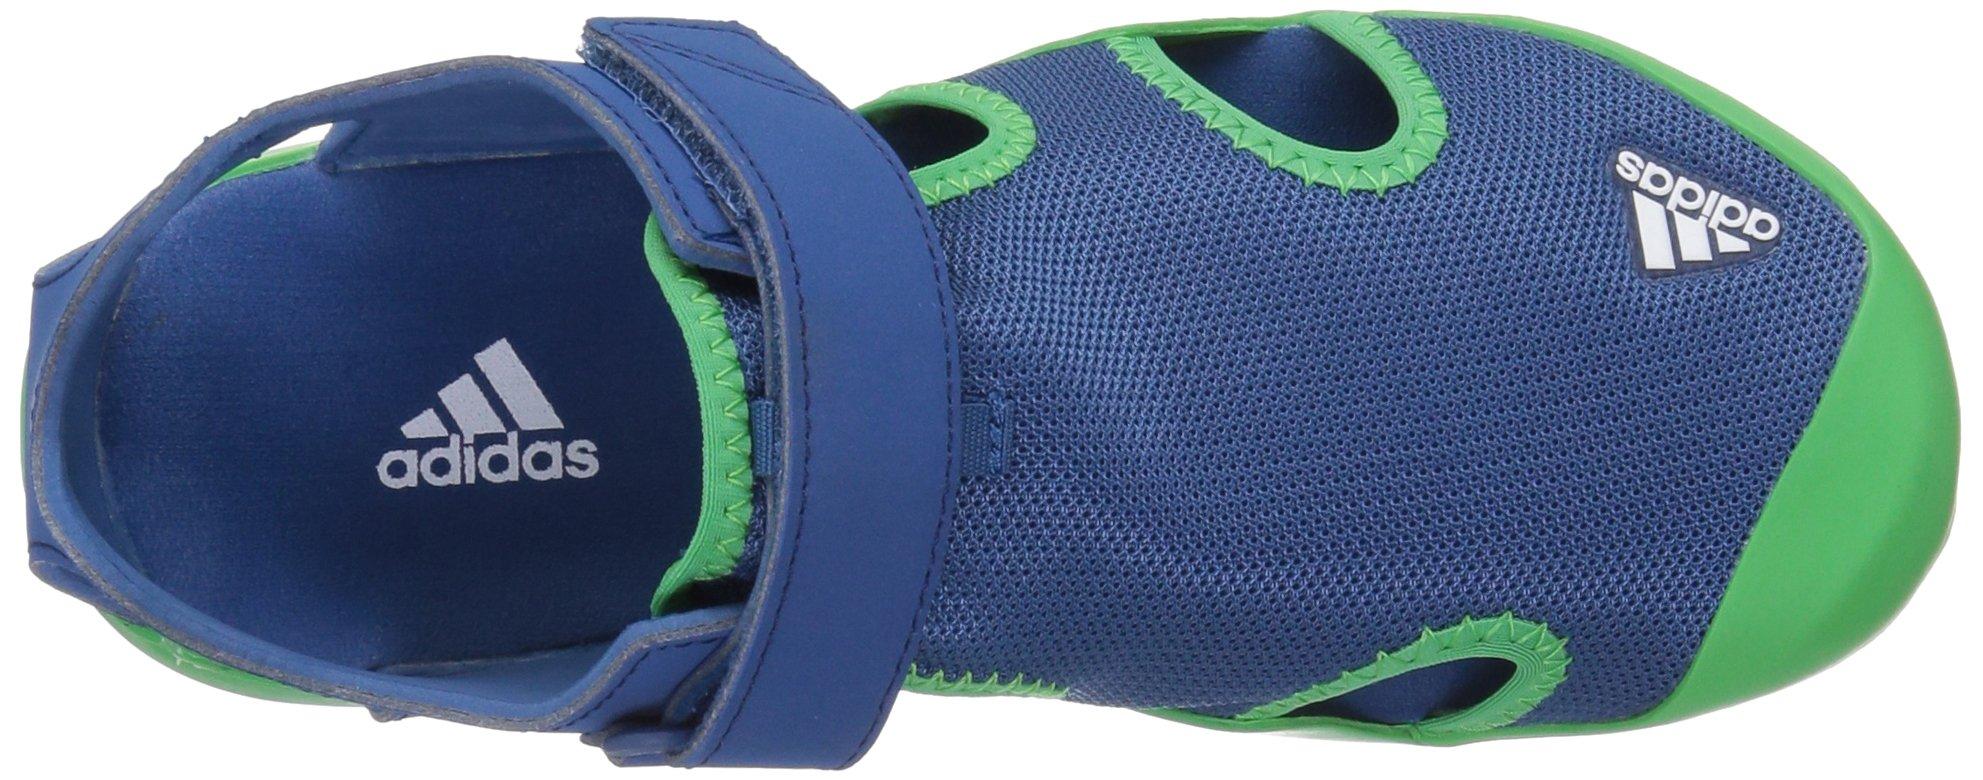 Adidas Outdoor Kids Captain Toey Water Shoe